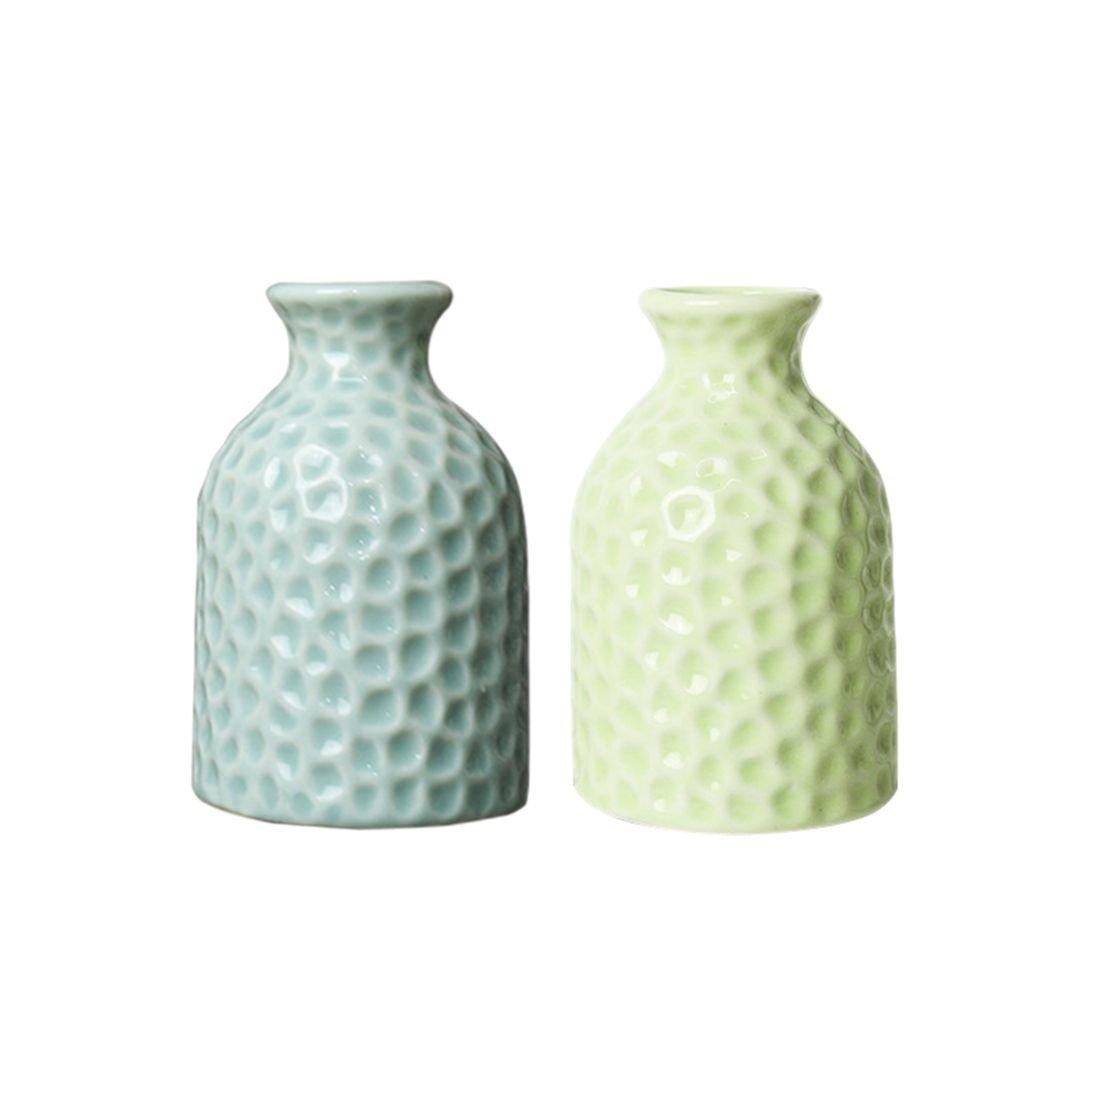 SODIAL 2unids Azul Verde Agua Cubo Ceramica florero Creativo casa Oficina Decoracion Escritorio Flores Simple artesania Ceramica aromaterapia Botella: ...